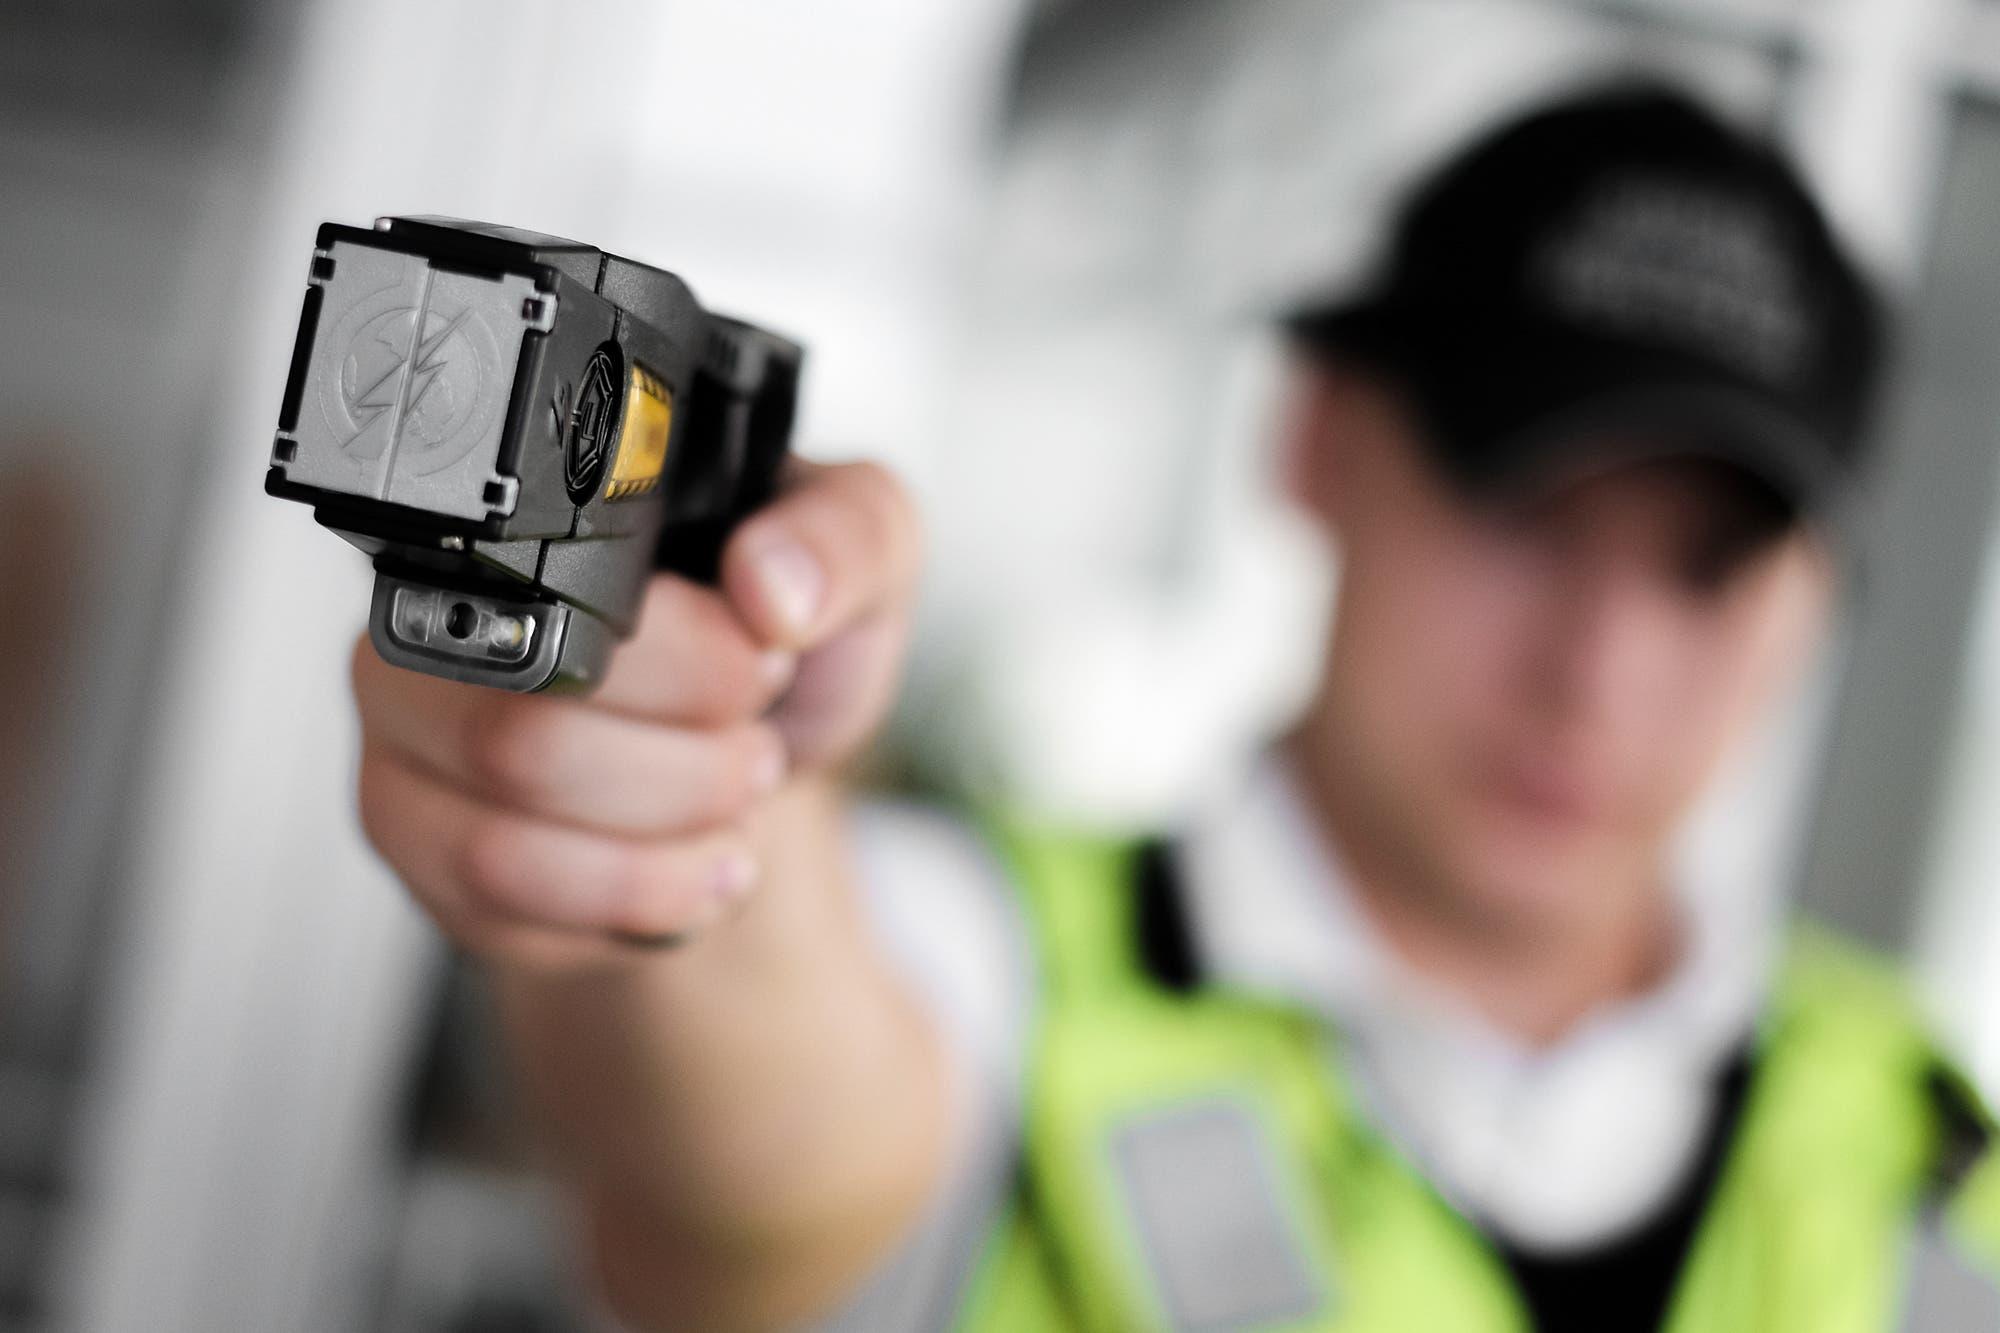 El Ministerio de Seguridad elimina los protocolos de Patricia Bullrich y suspende el uso de pistolas Taser